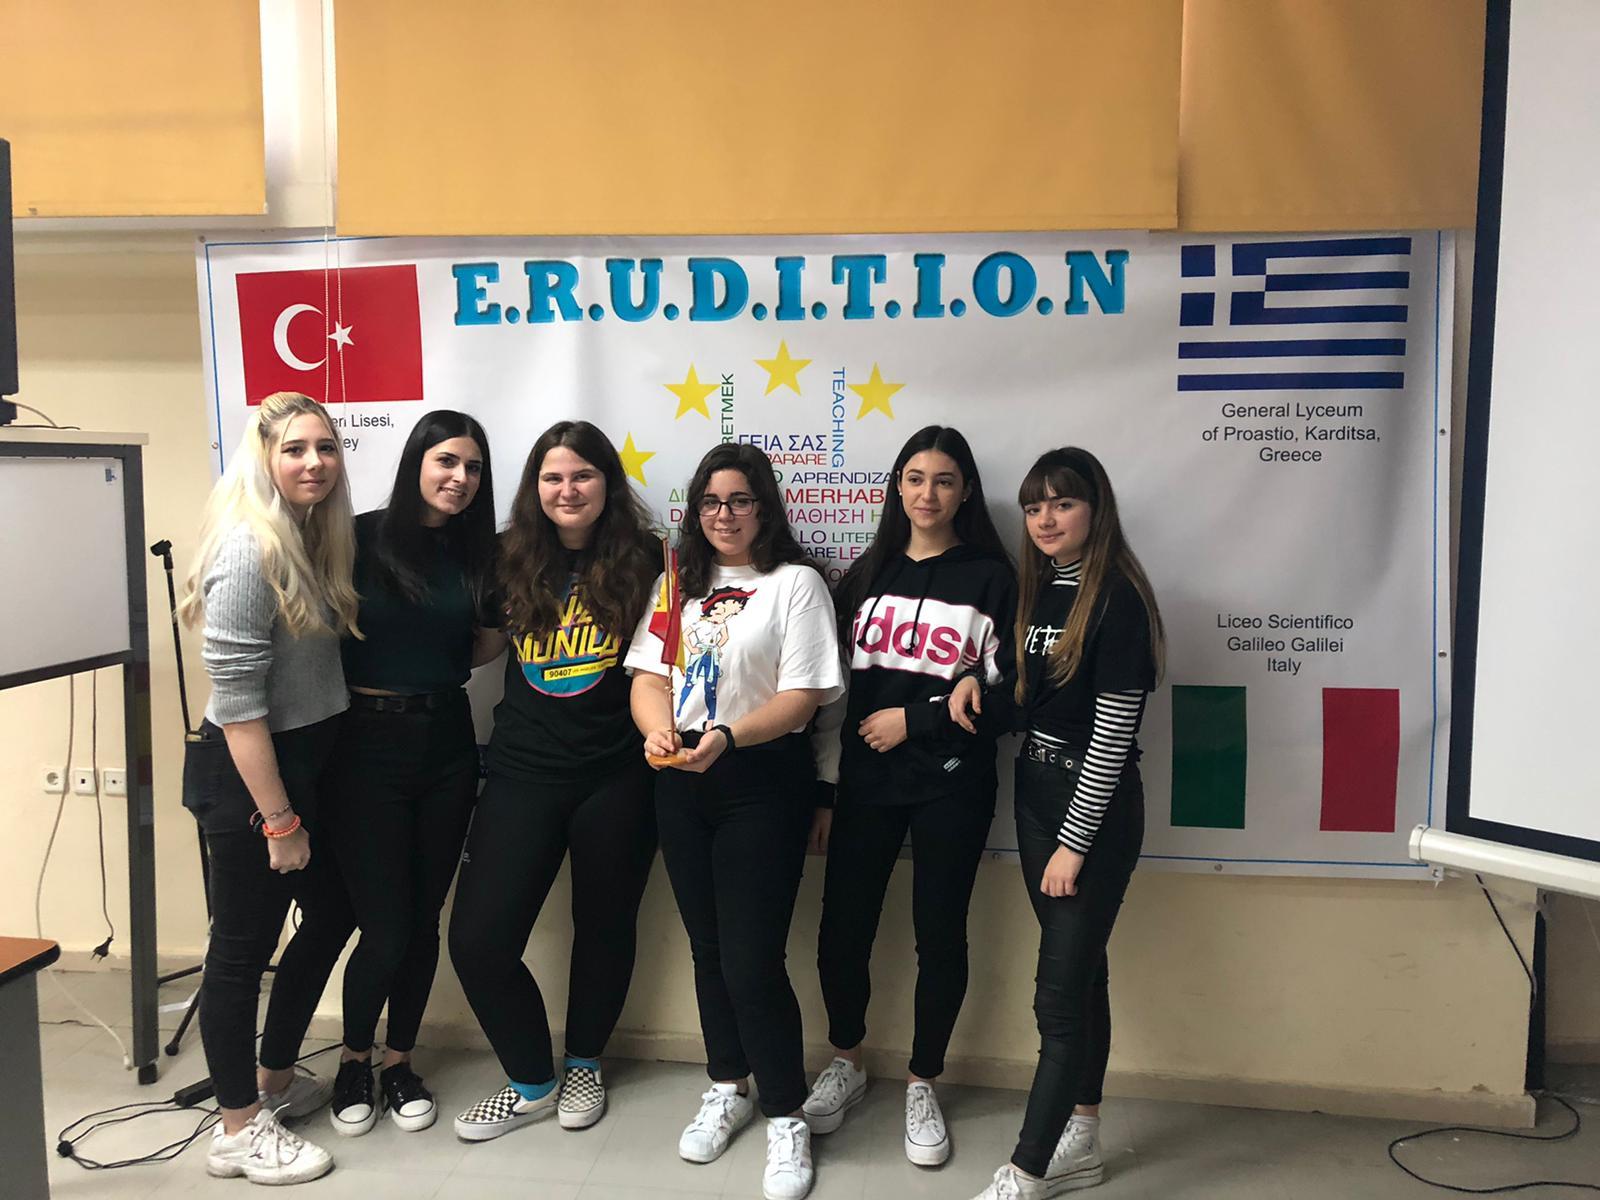 Diario de viaje: Erasmus + en Grecia